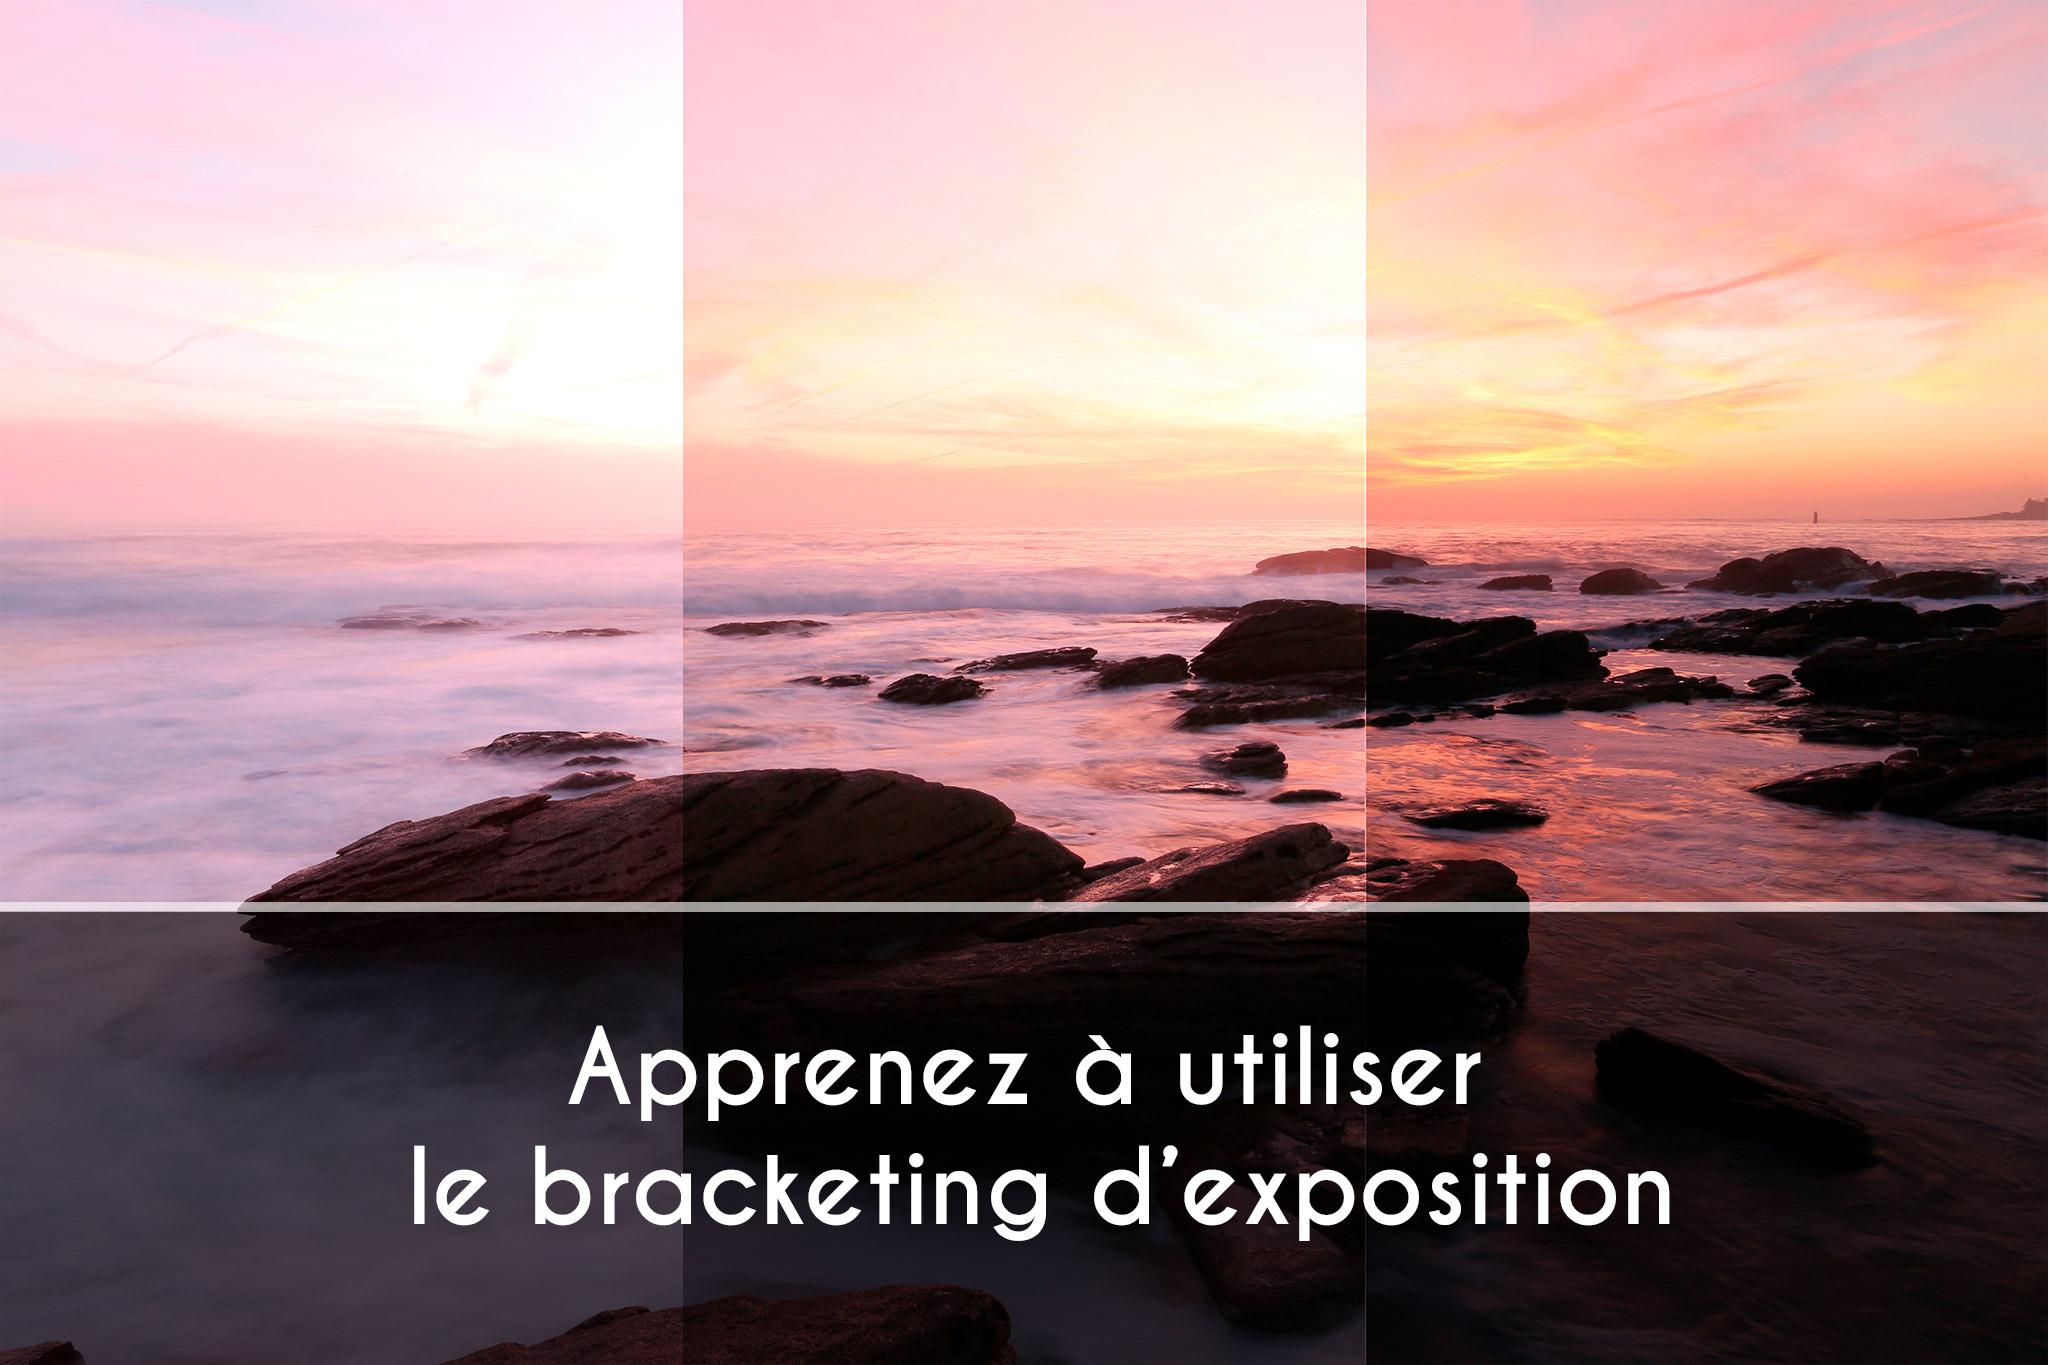 Apprenez à utiliser le bracketing d'exposition